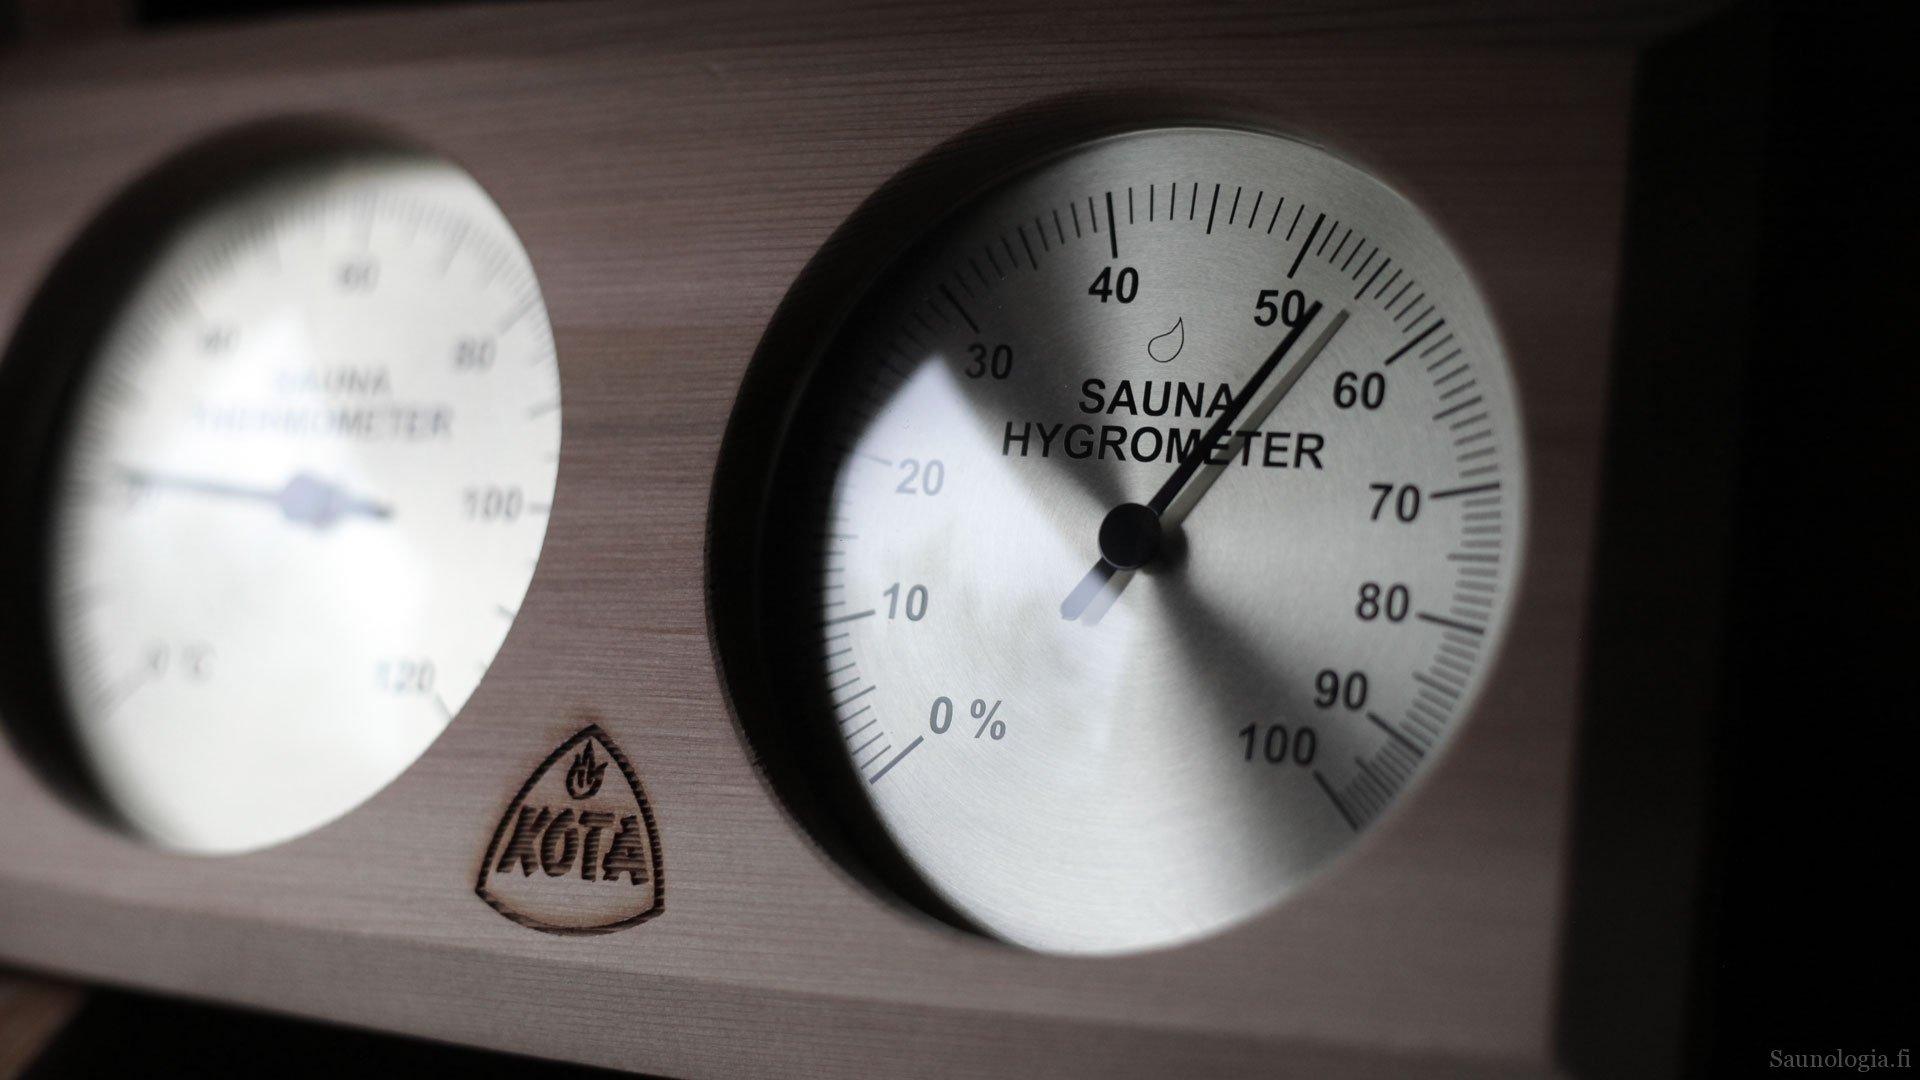 Mihin saunan lämpömittari  kannattaa sijoittaa?